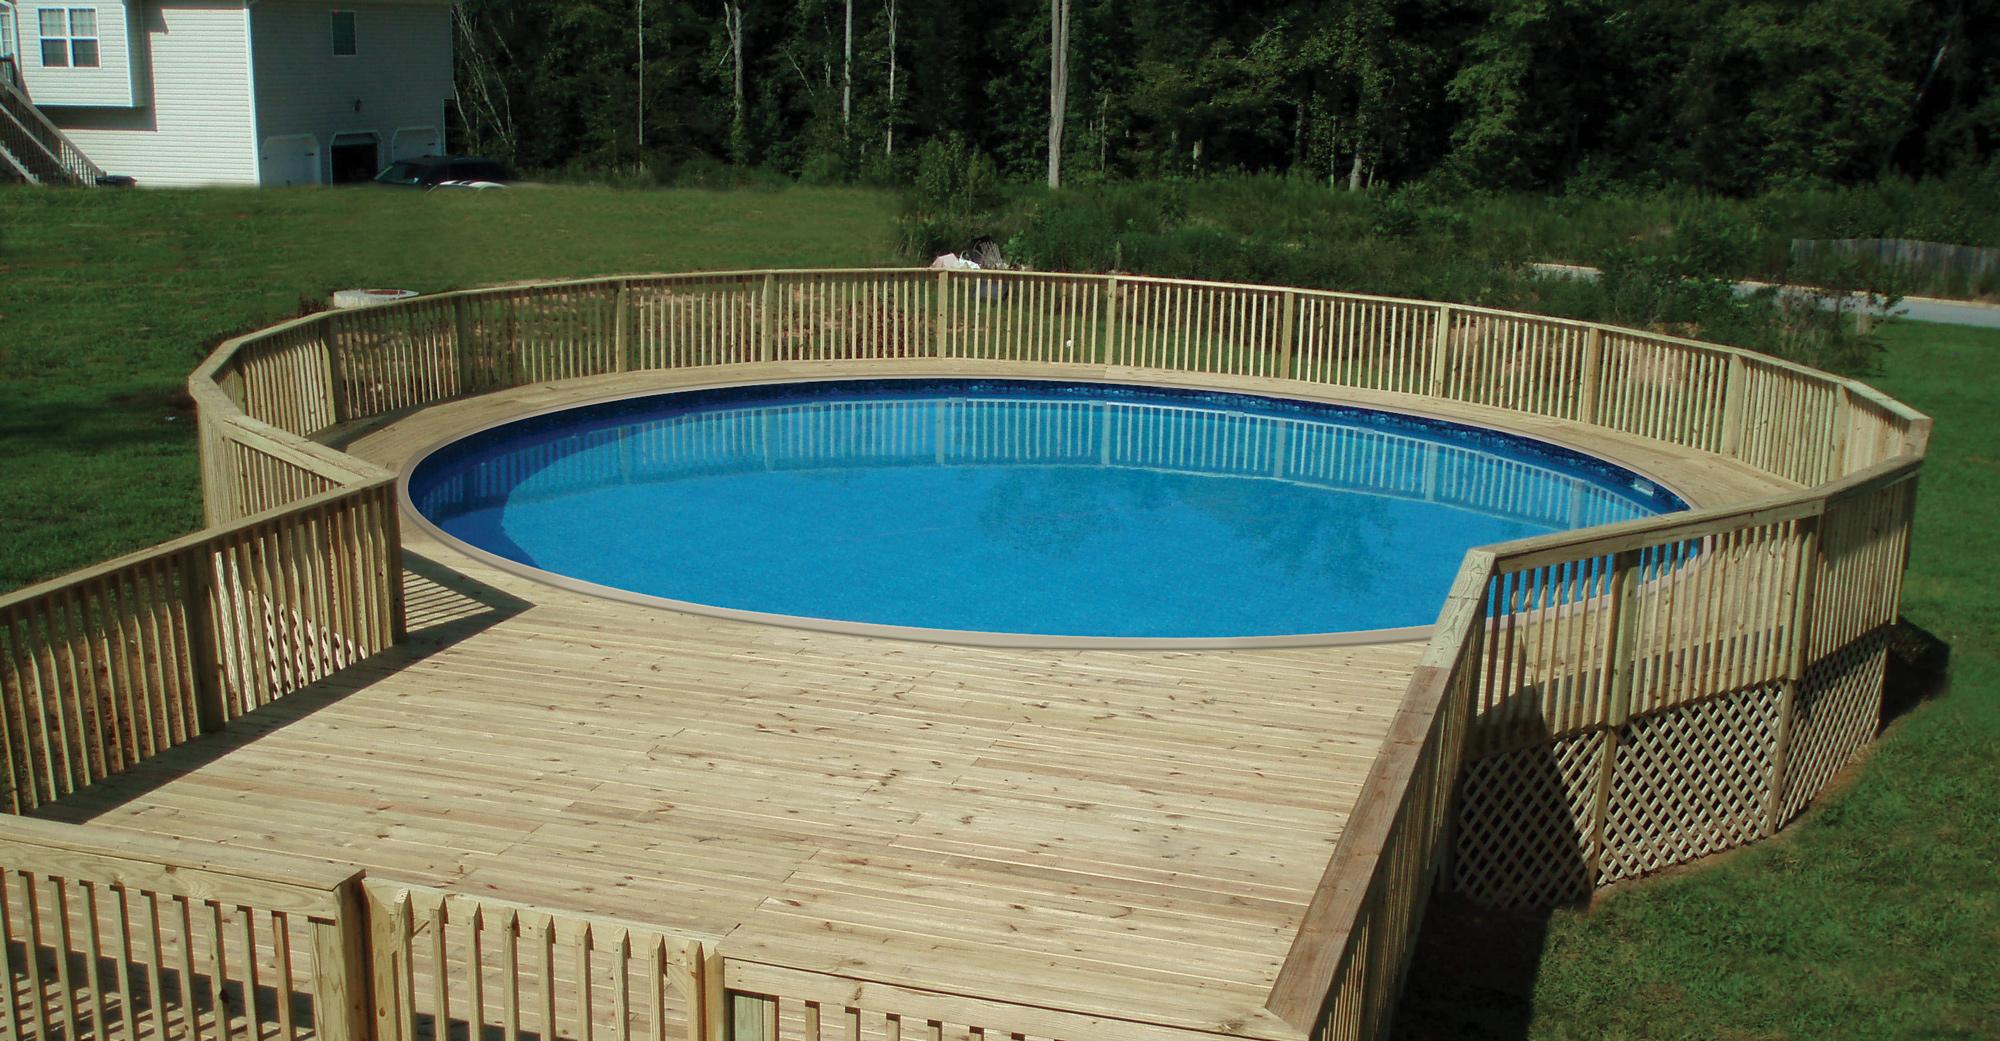 28′ Round Pool